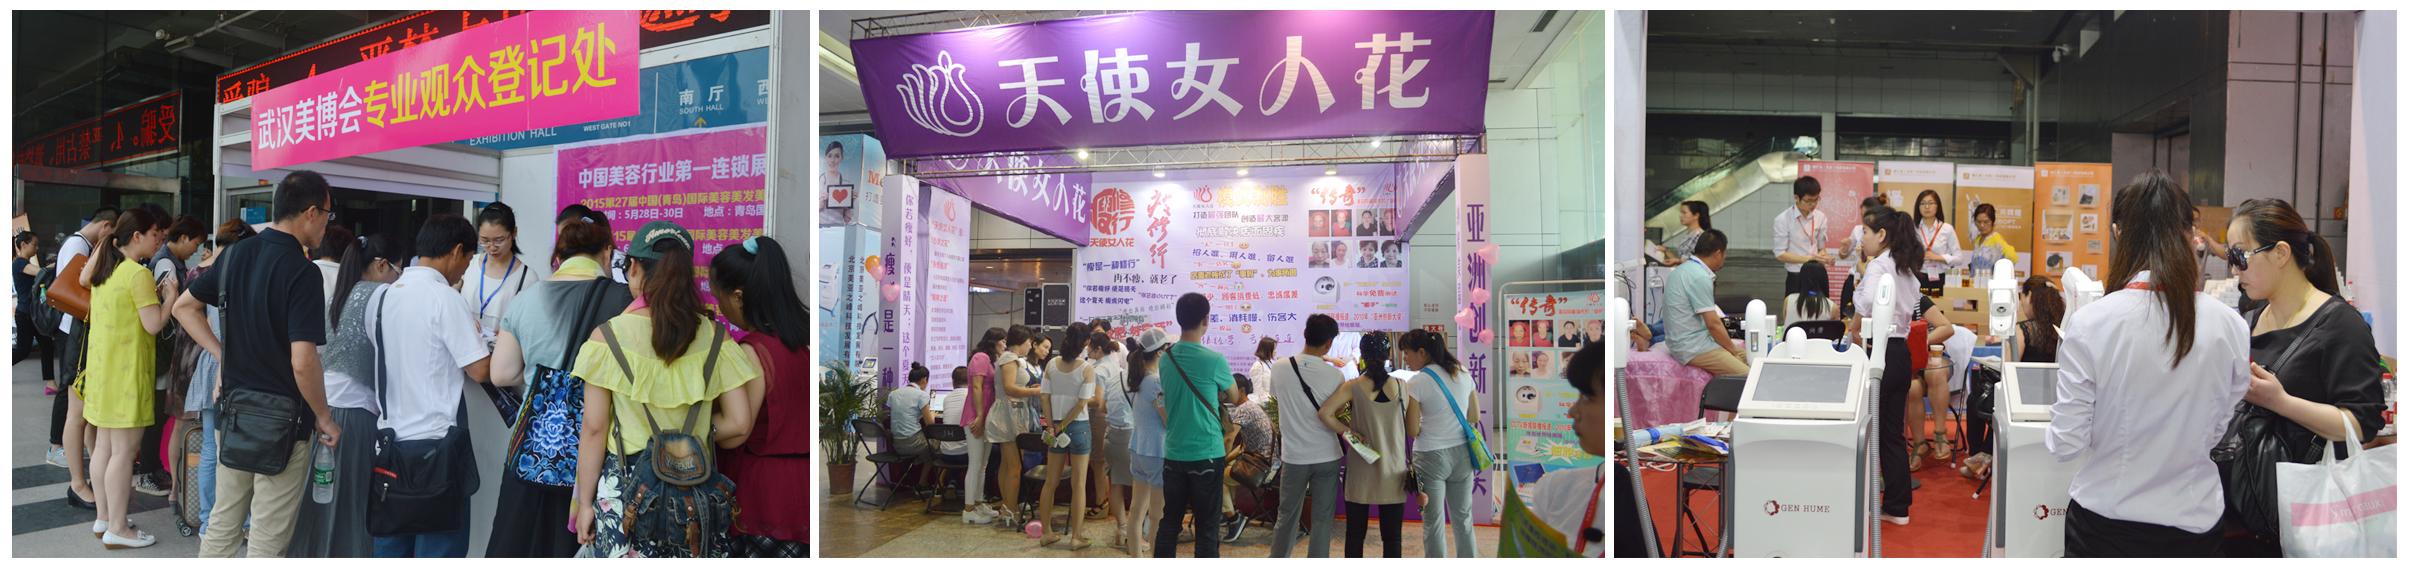 2017年秋季武汉华中高端美容产品博览会黄金展位 武汉美博会